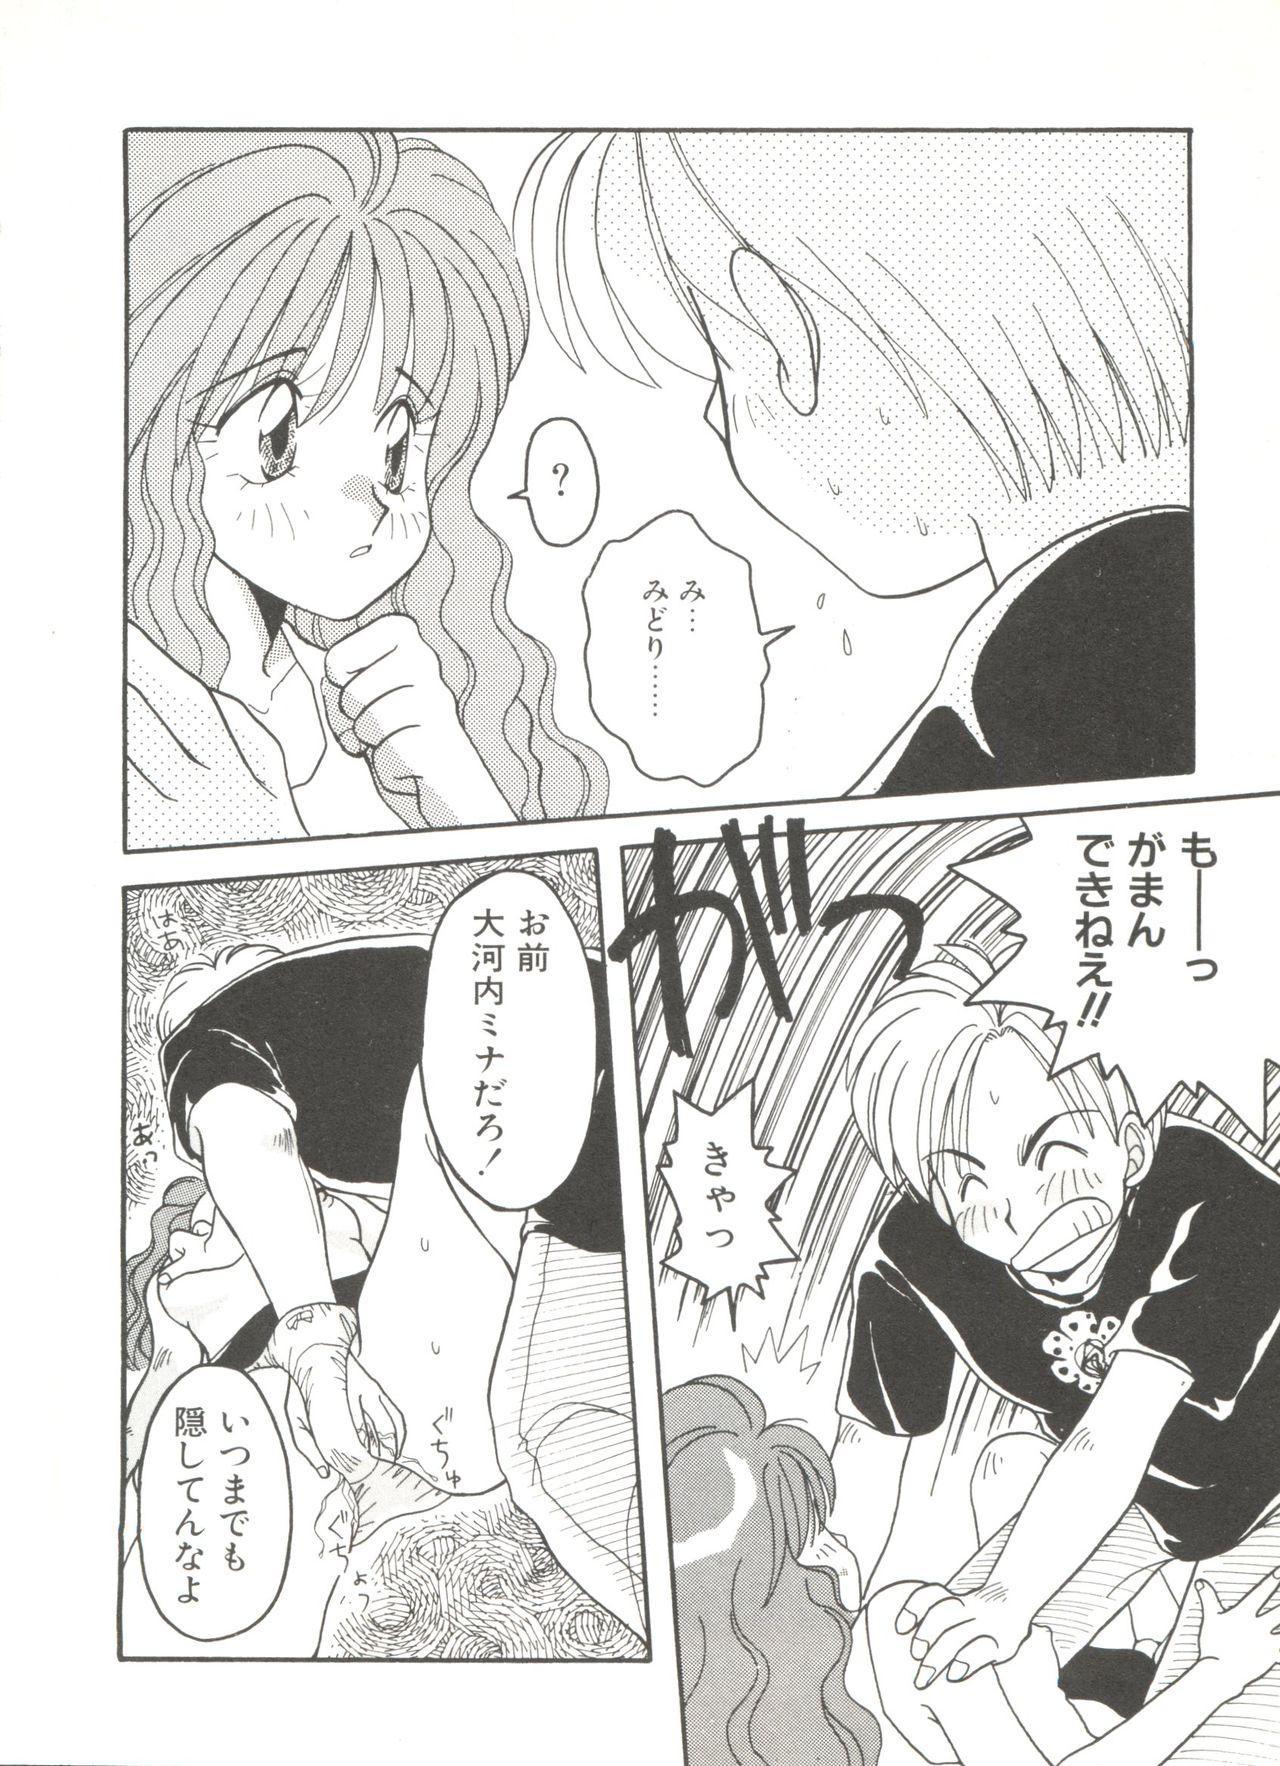 Bishoujo Doujinshi Anthology 6 93